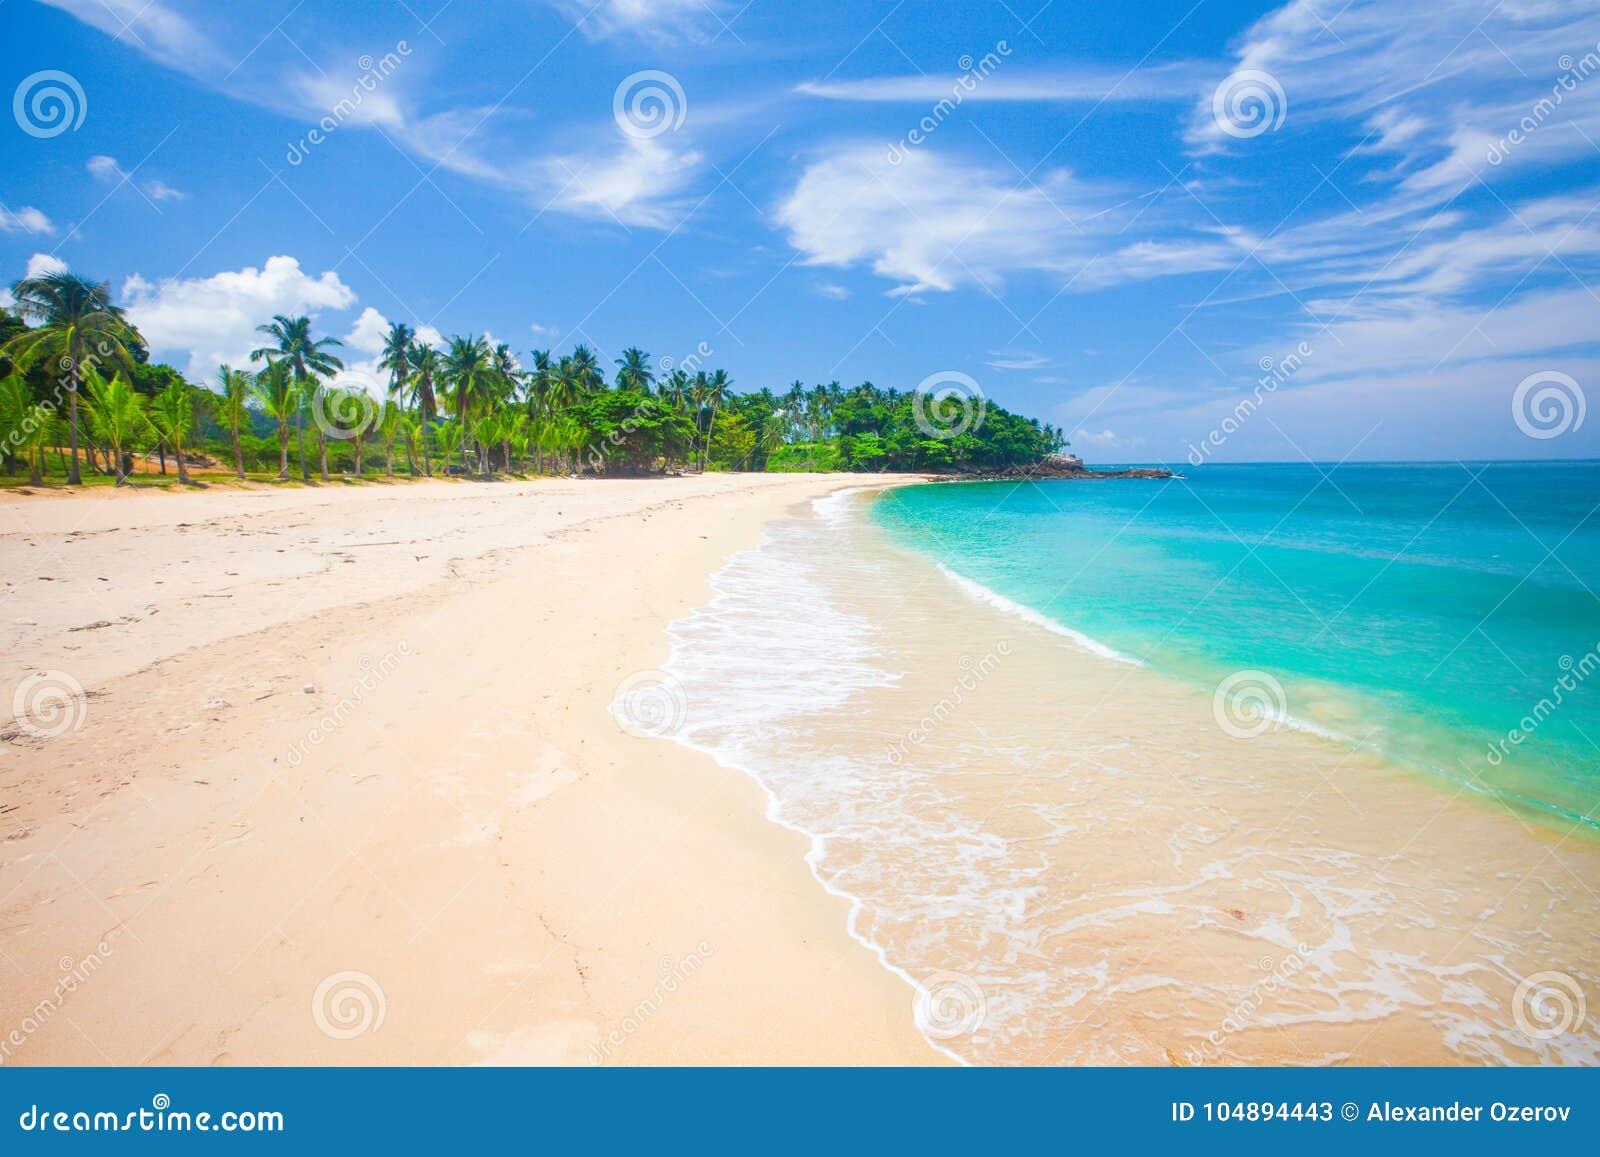 Strand und tropisches Meer